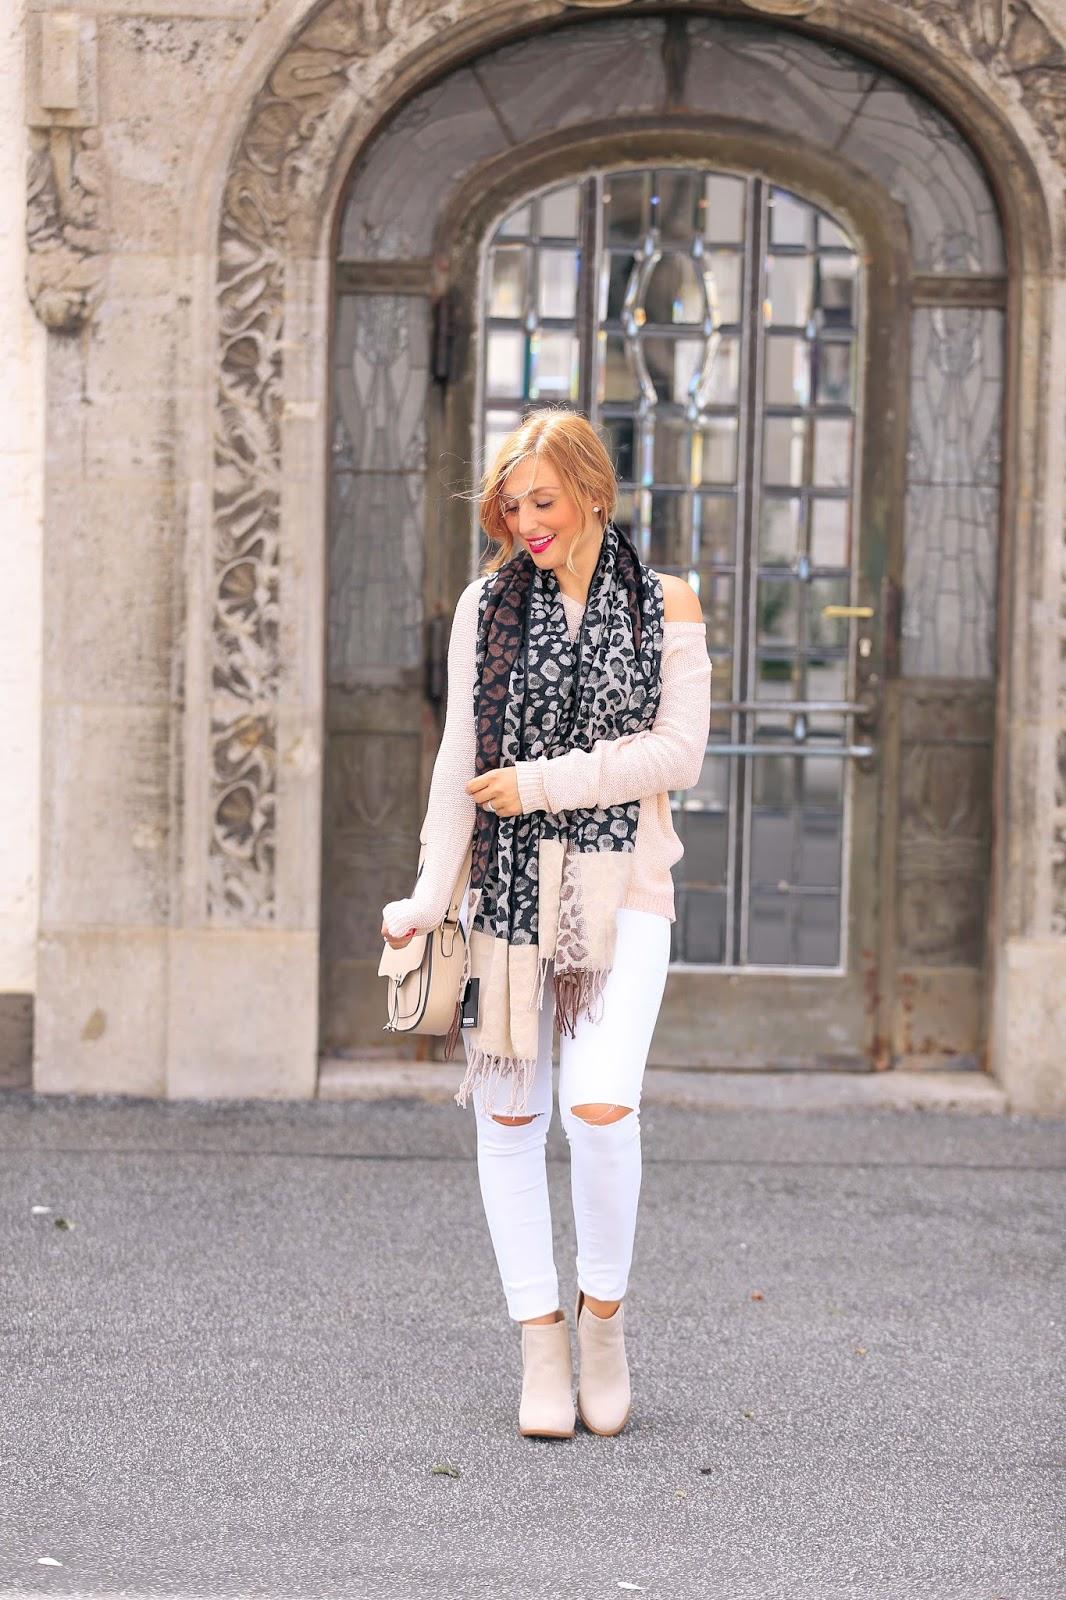 Fashionblogger-aus-deutschland-deutsche-fashionblogger